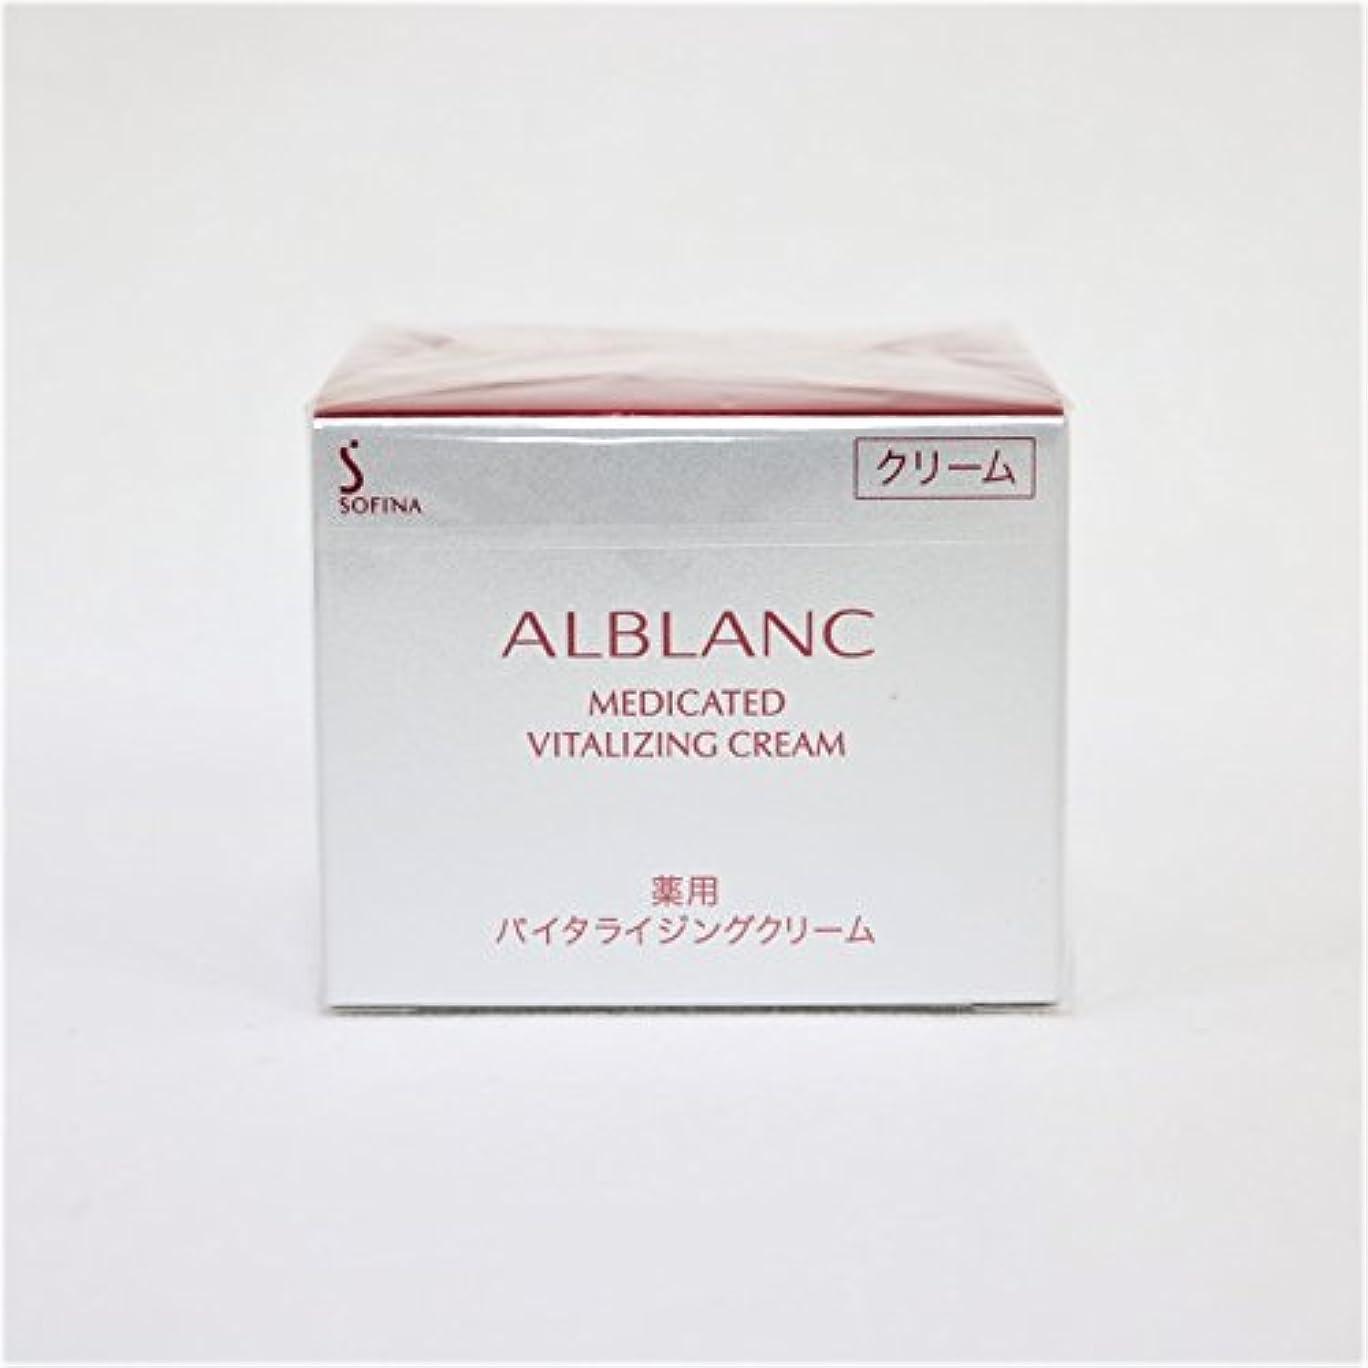 有力者そこすべきソフィーナ アルブラン 薬用バイタライジングクリーム 40g